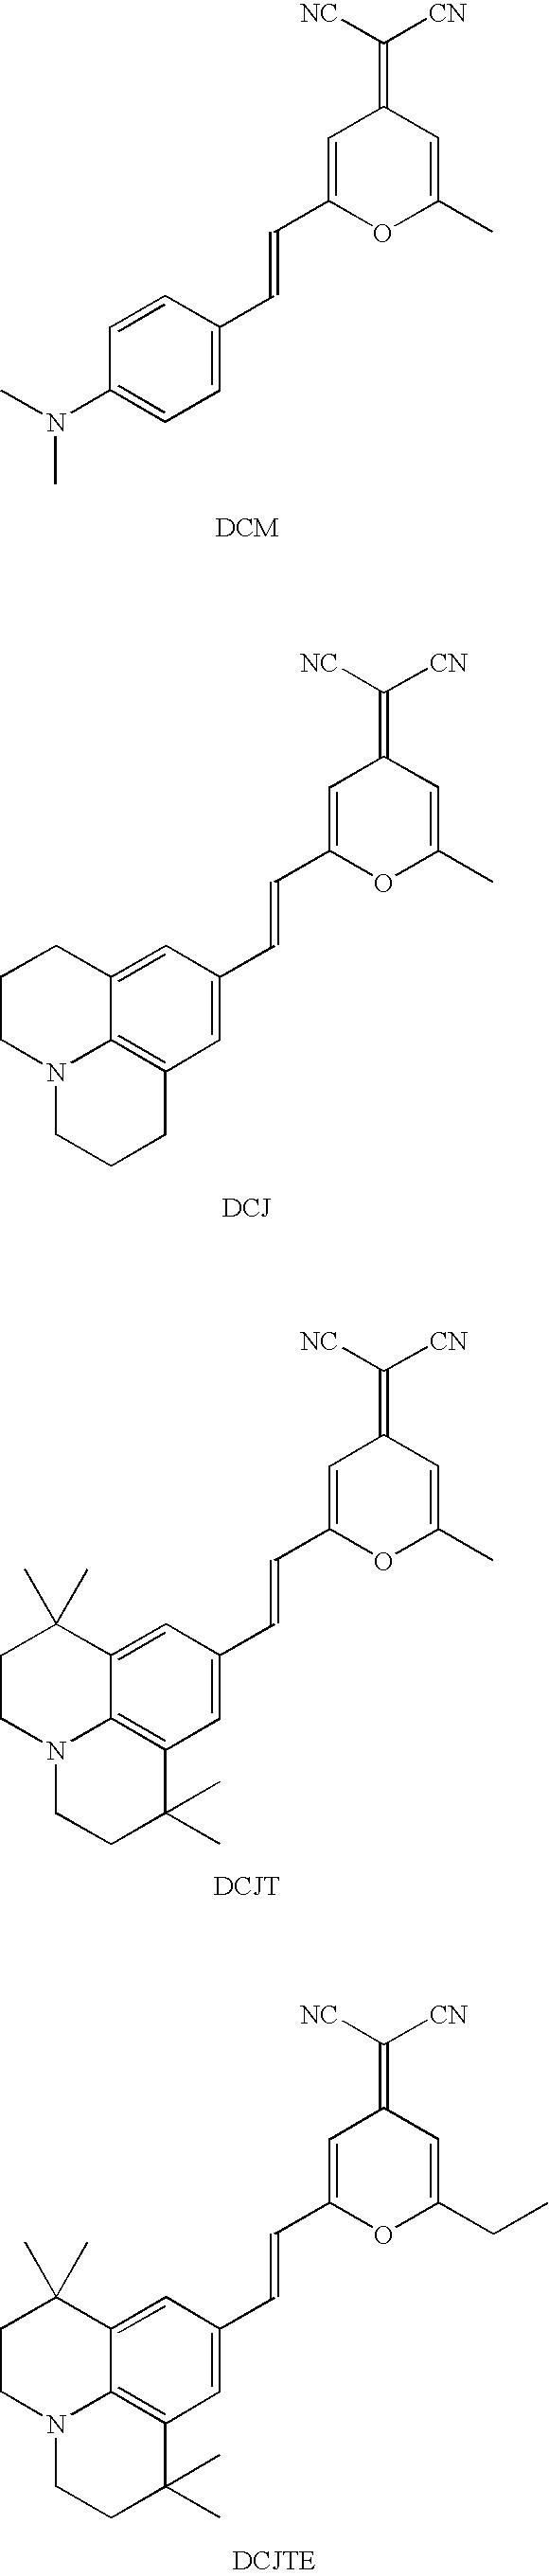 Figure US20070126347A1-20070607-C00028